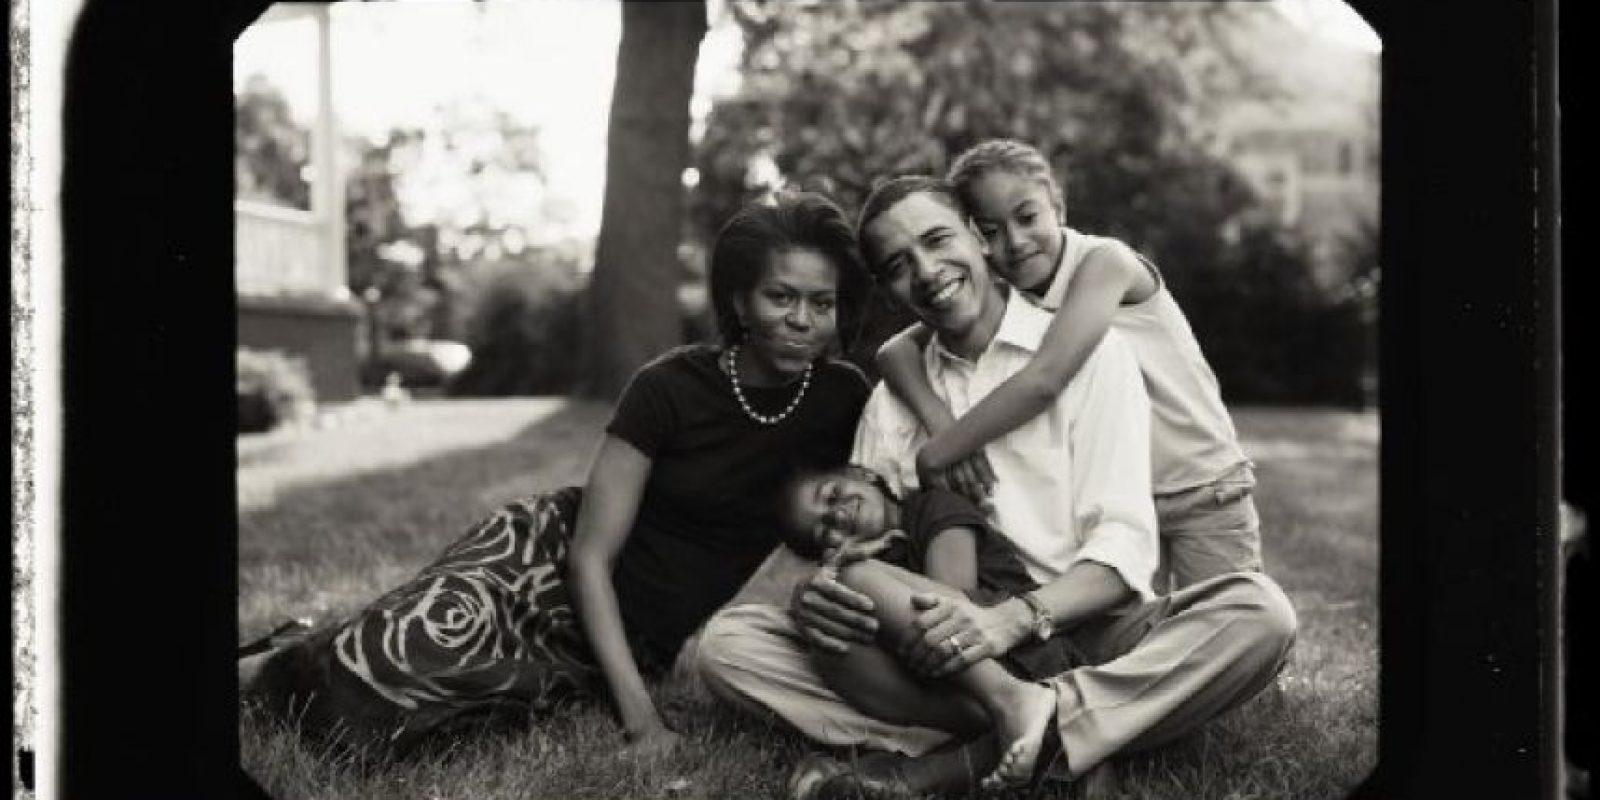 Conoció a Michelle Robinson en 1989 y se casaron en 1992 Foto:Facebook: Barack Obama